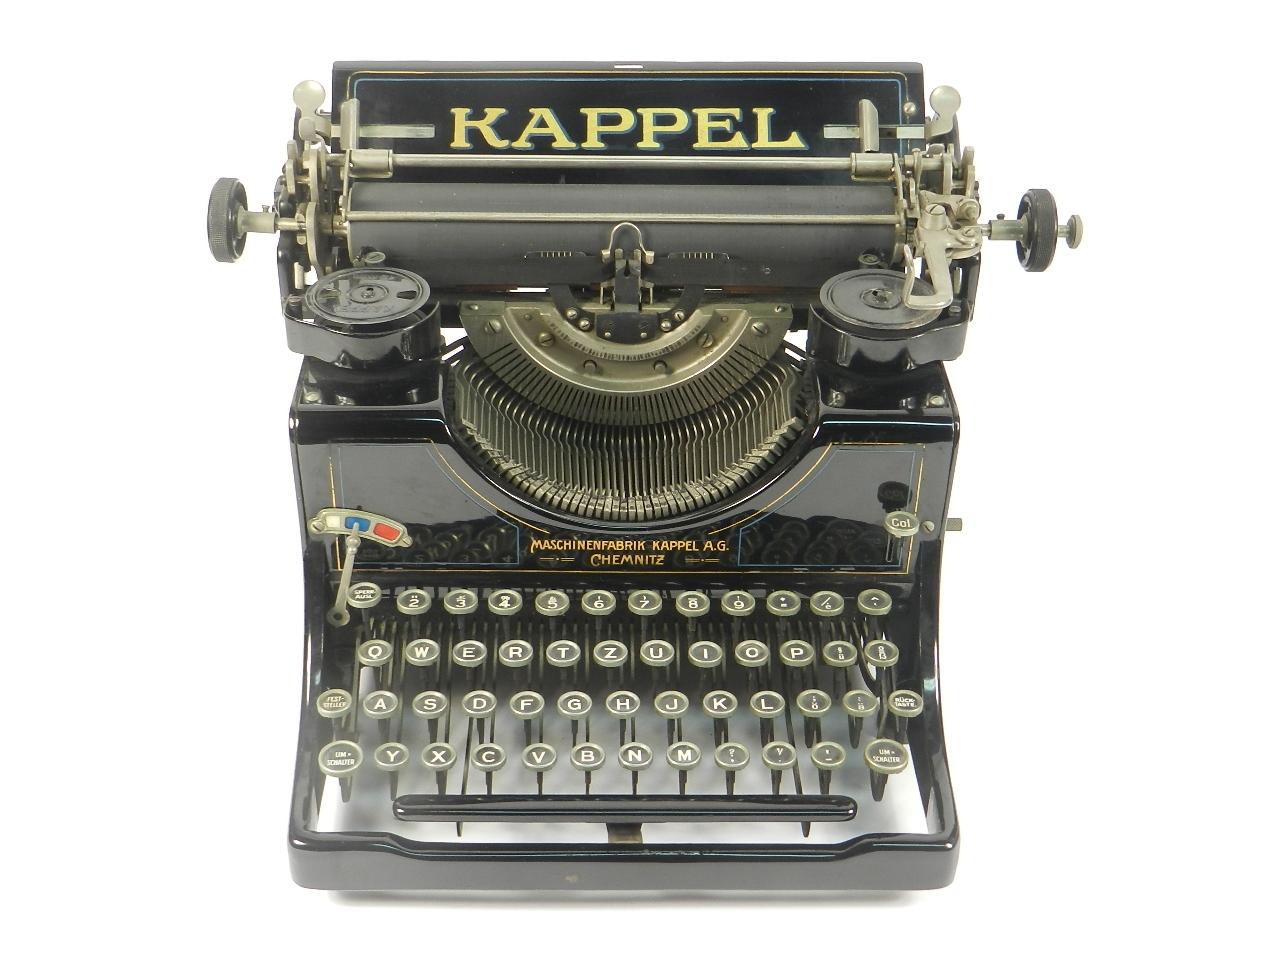 Imagen KAPPEL M2  AÑO 1923 37357